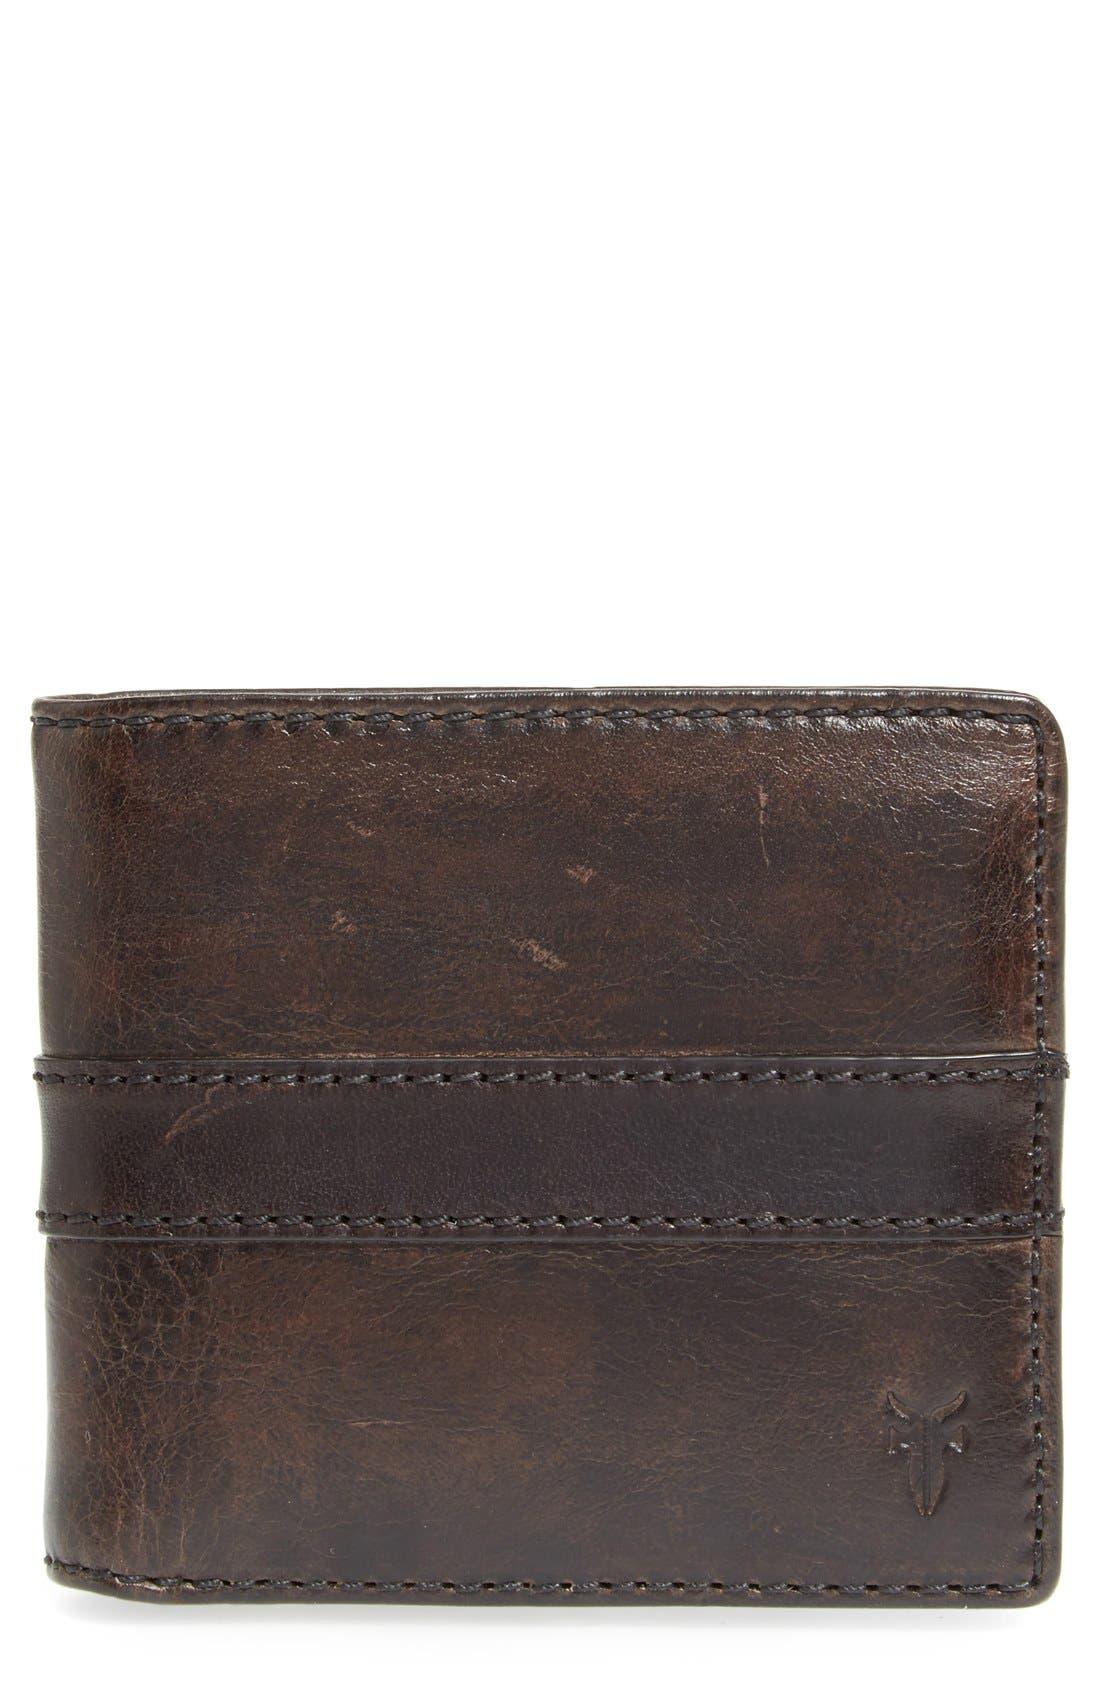 Alternate Image 1 Selected - Frye 'Oliver' Leather Billfold Wallet